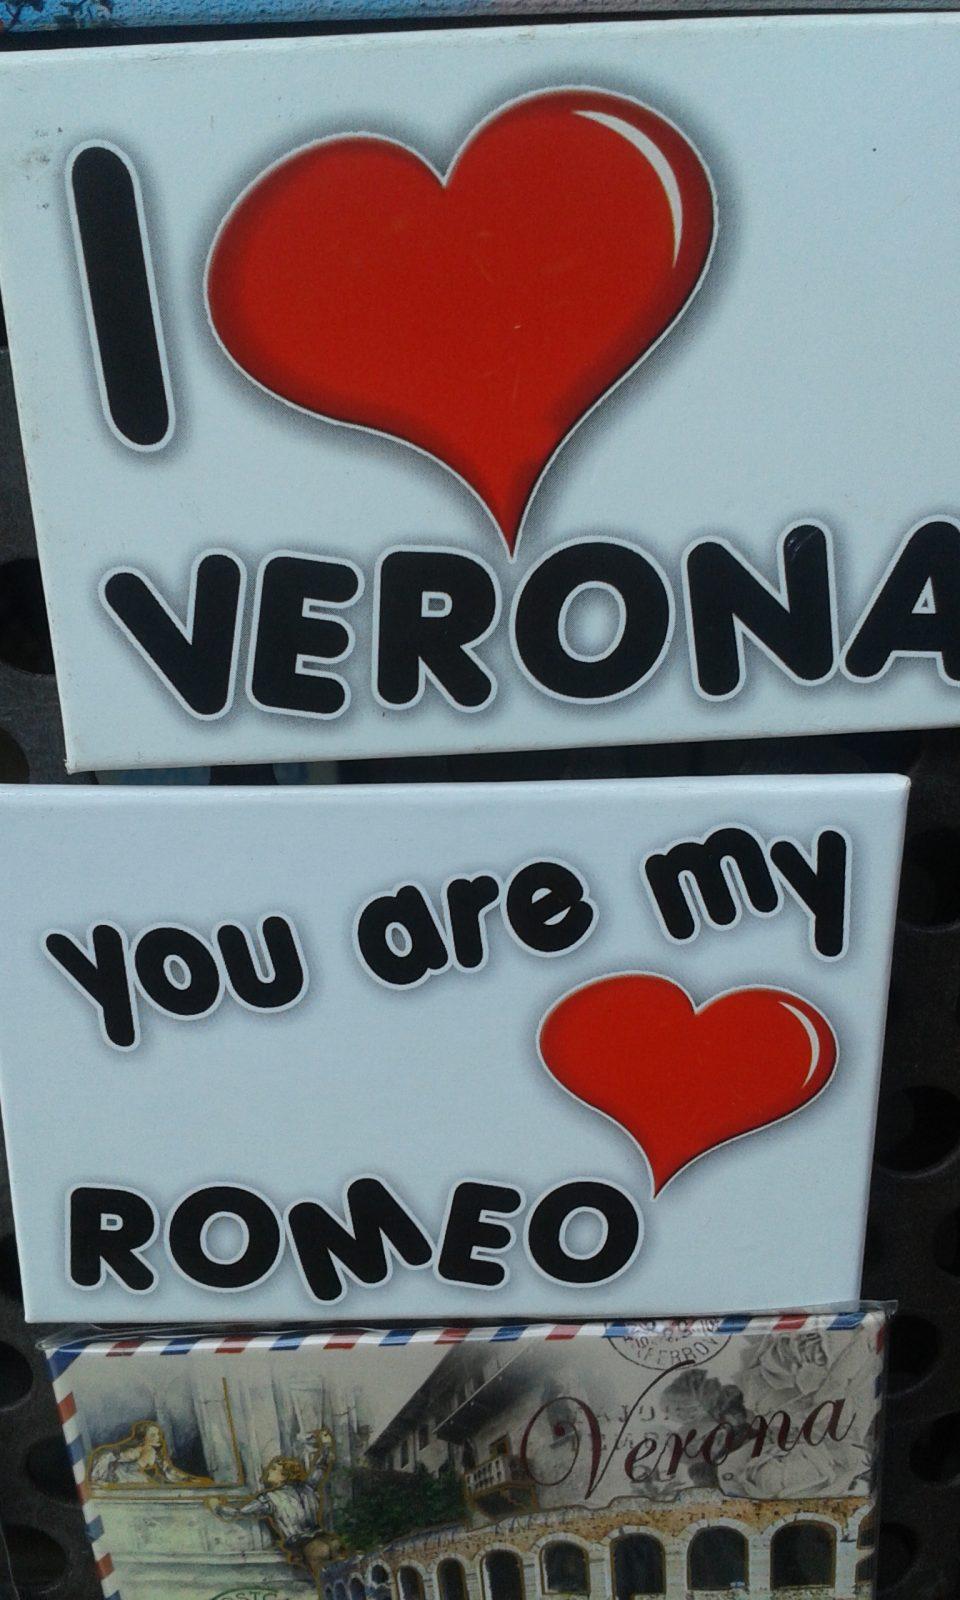 Co warto zobaczyć w Weronie